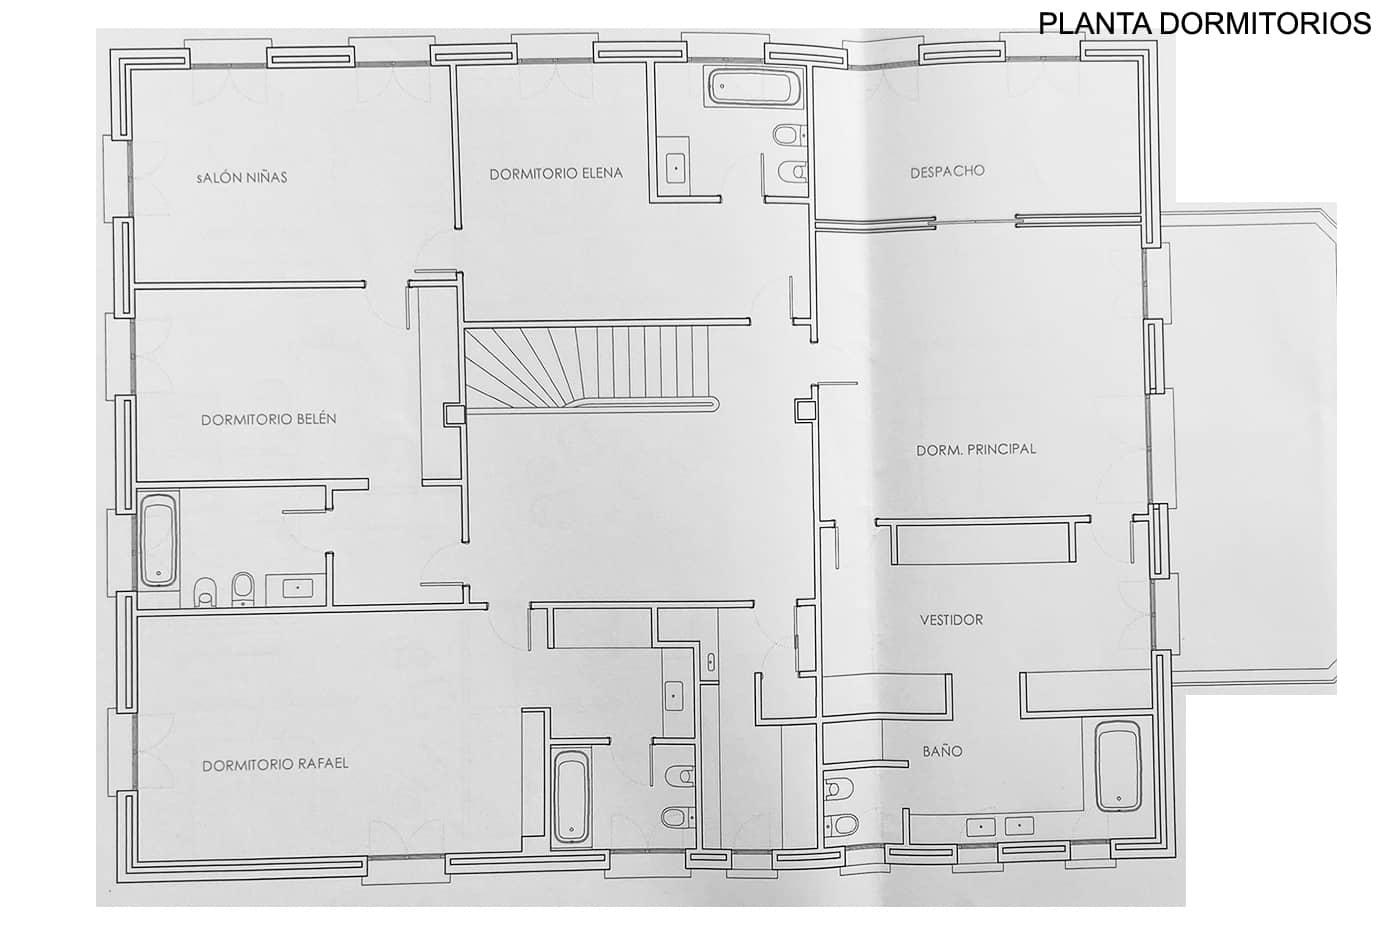 Planta Dormitorios